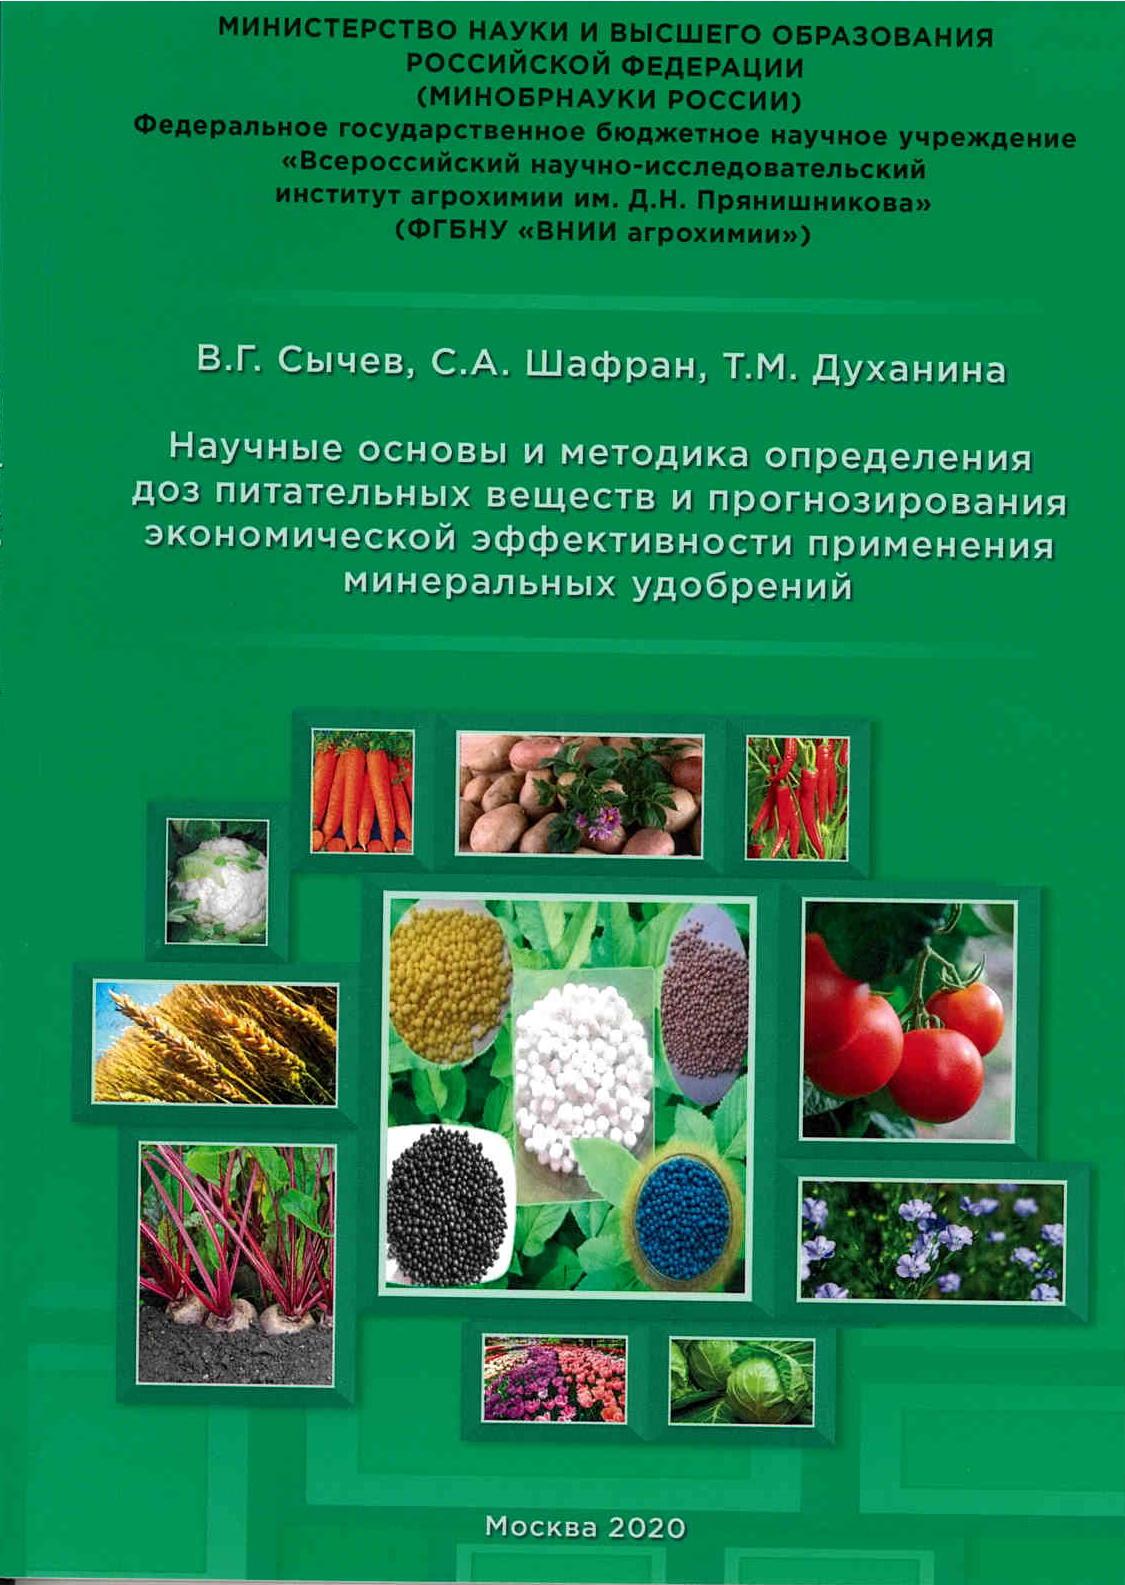 Научные основы и методика определения доз питательных веществ и прогнозирования экономической эффективности применения минеральных удобрений - фото